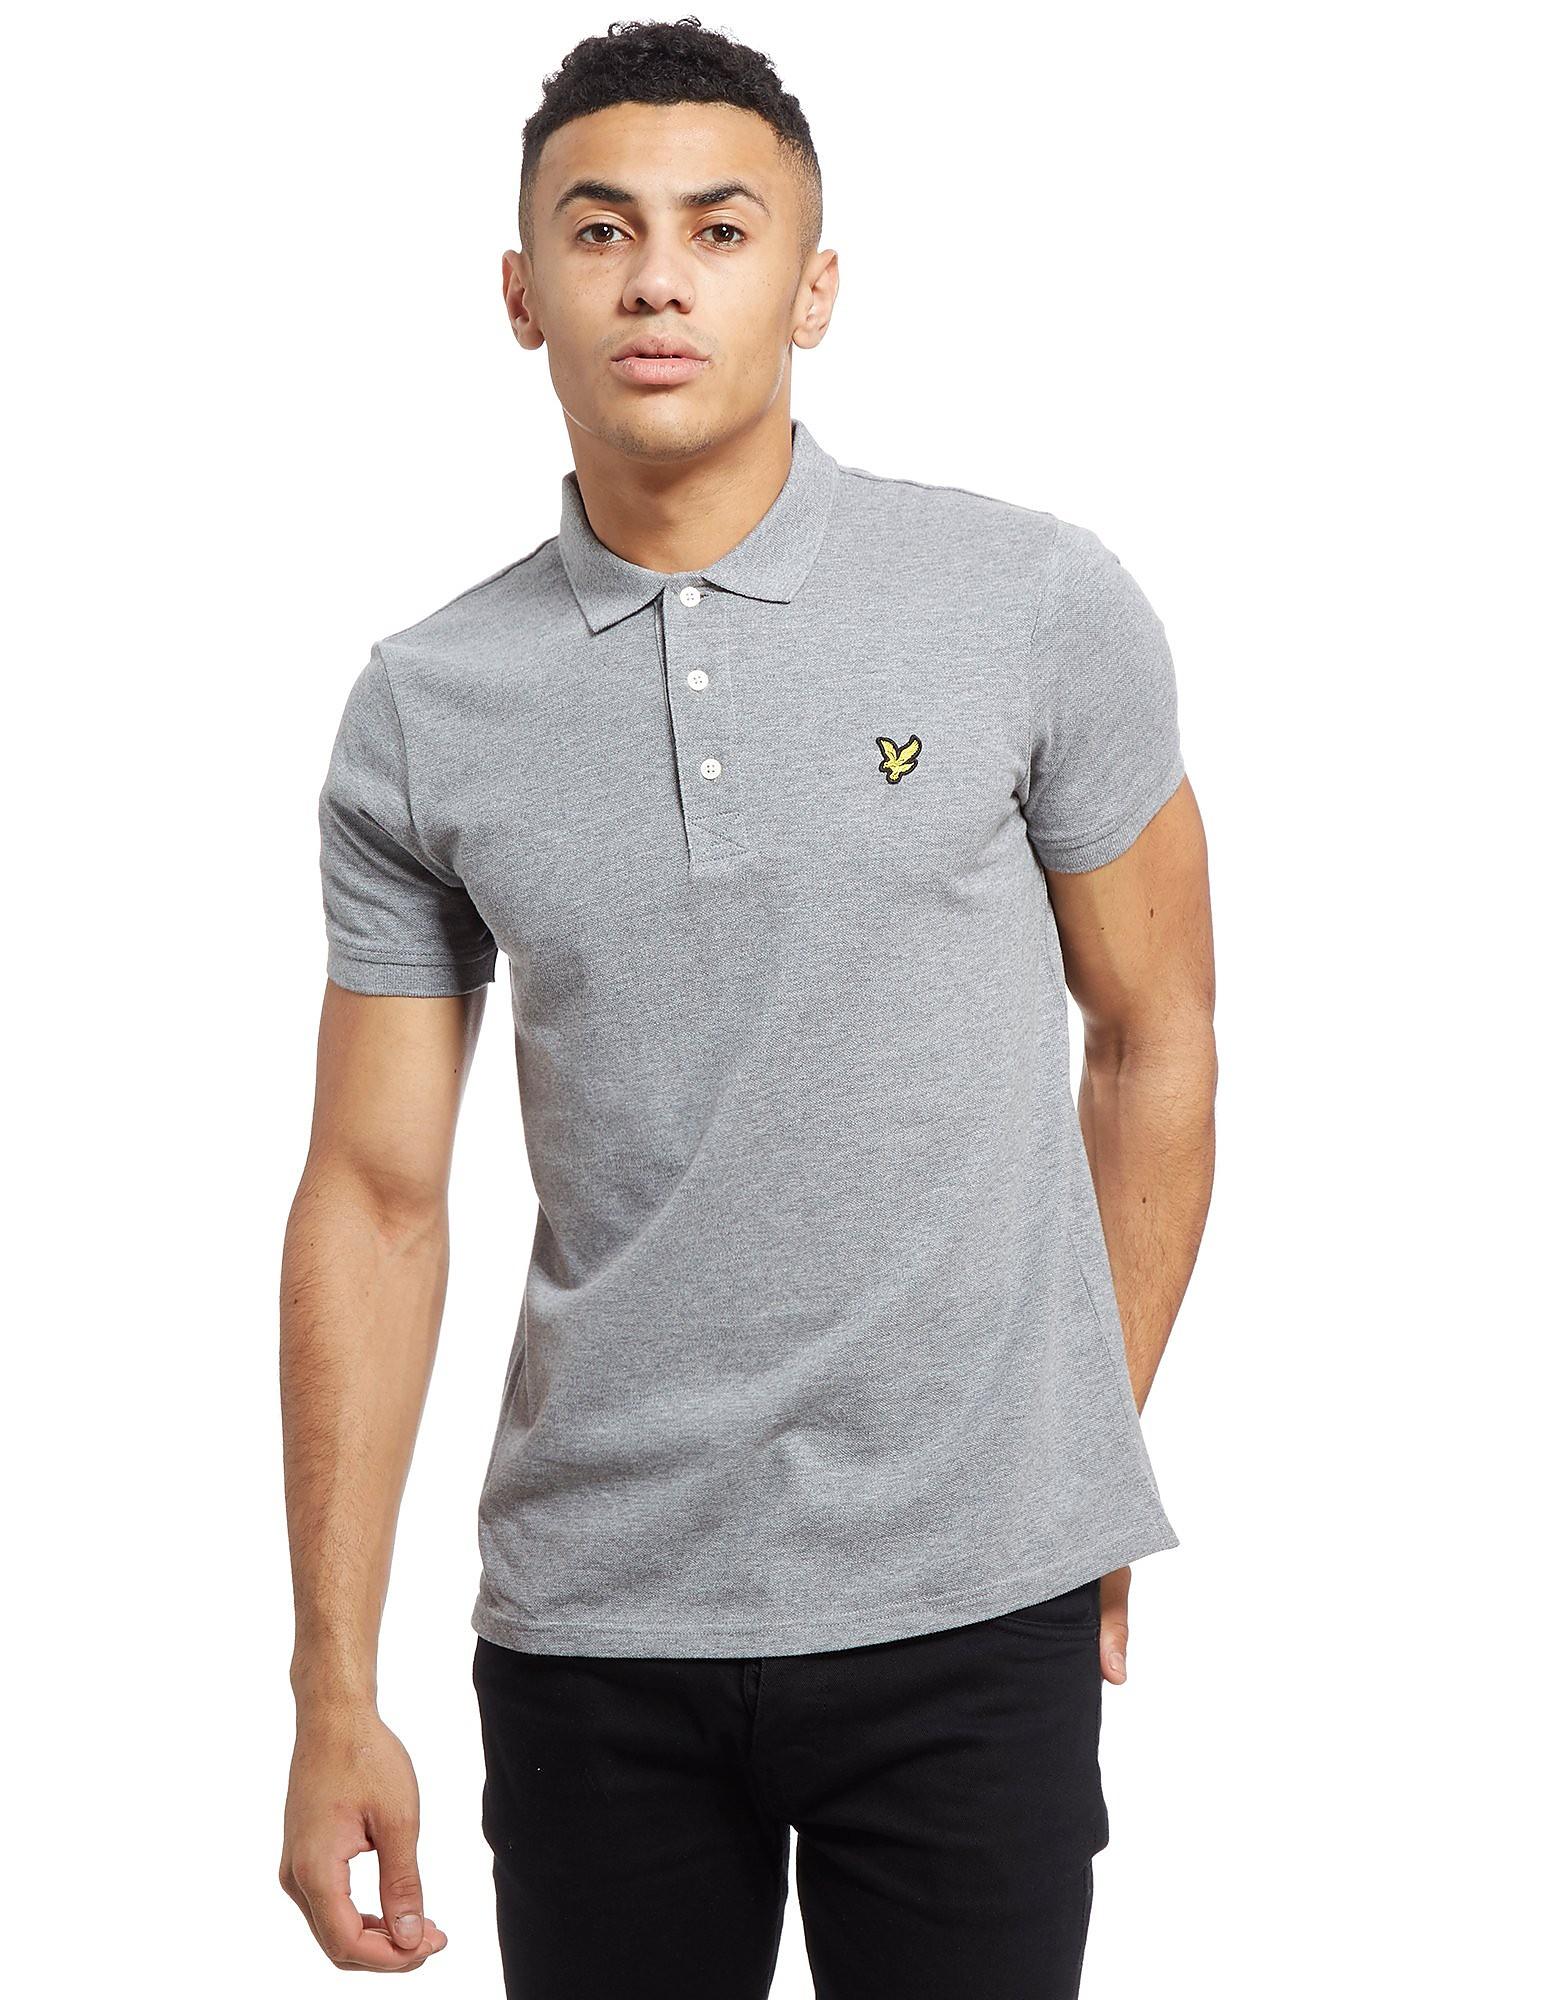 Lyle & Scott Core Polo Shirt